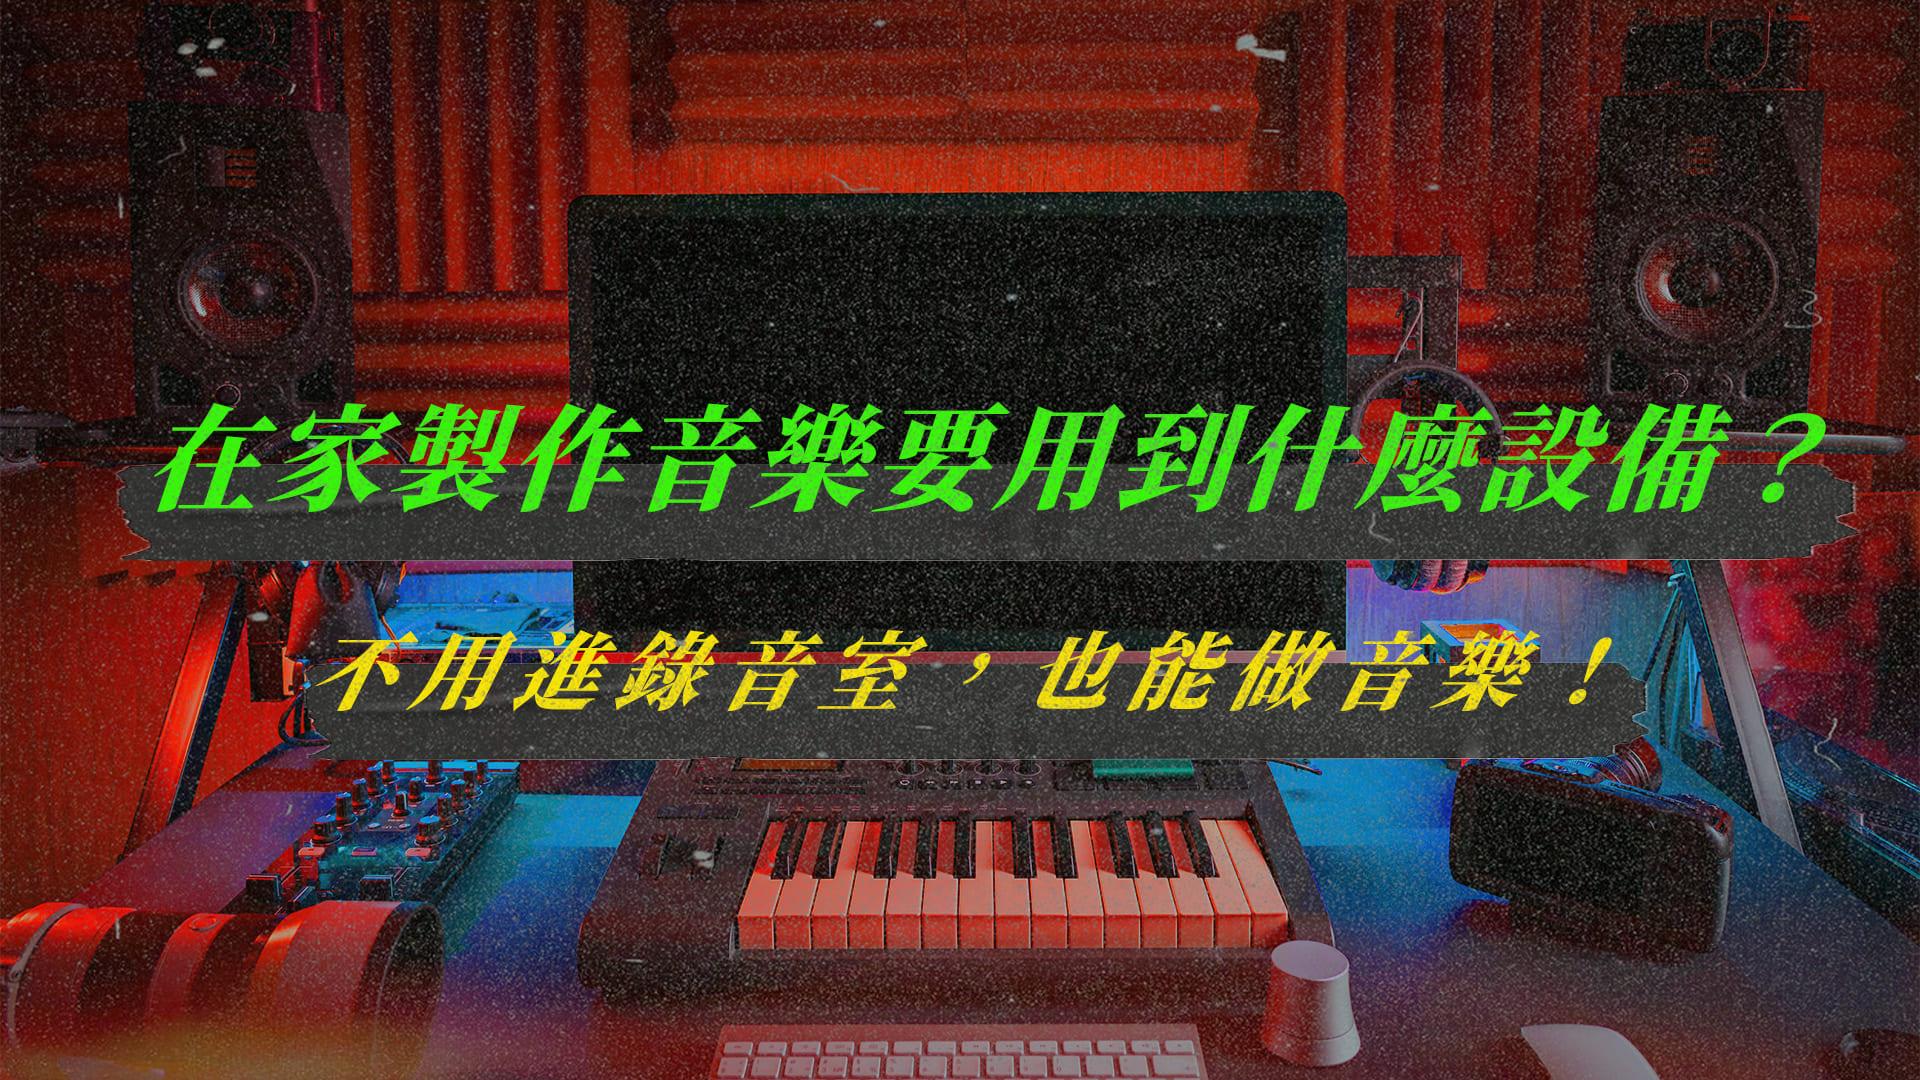 在家製作音樂設備